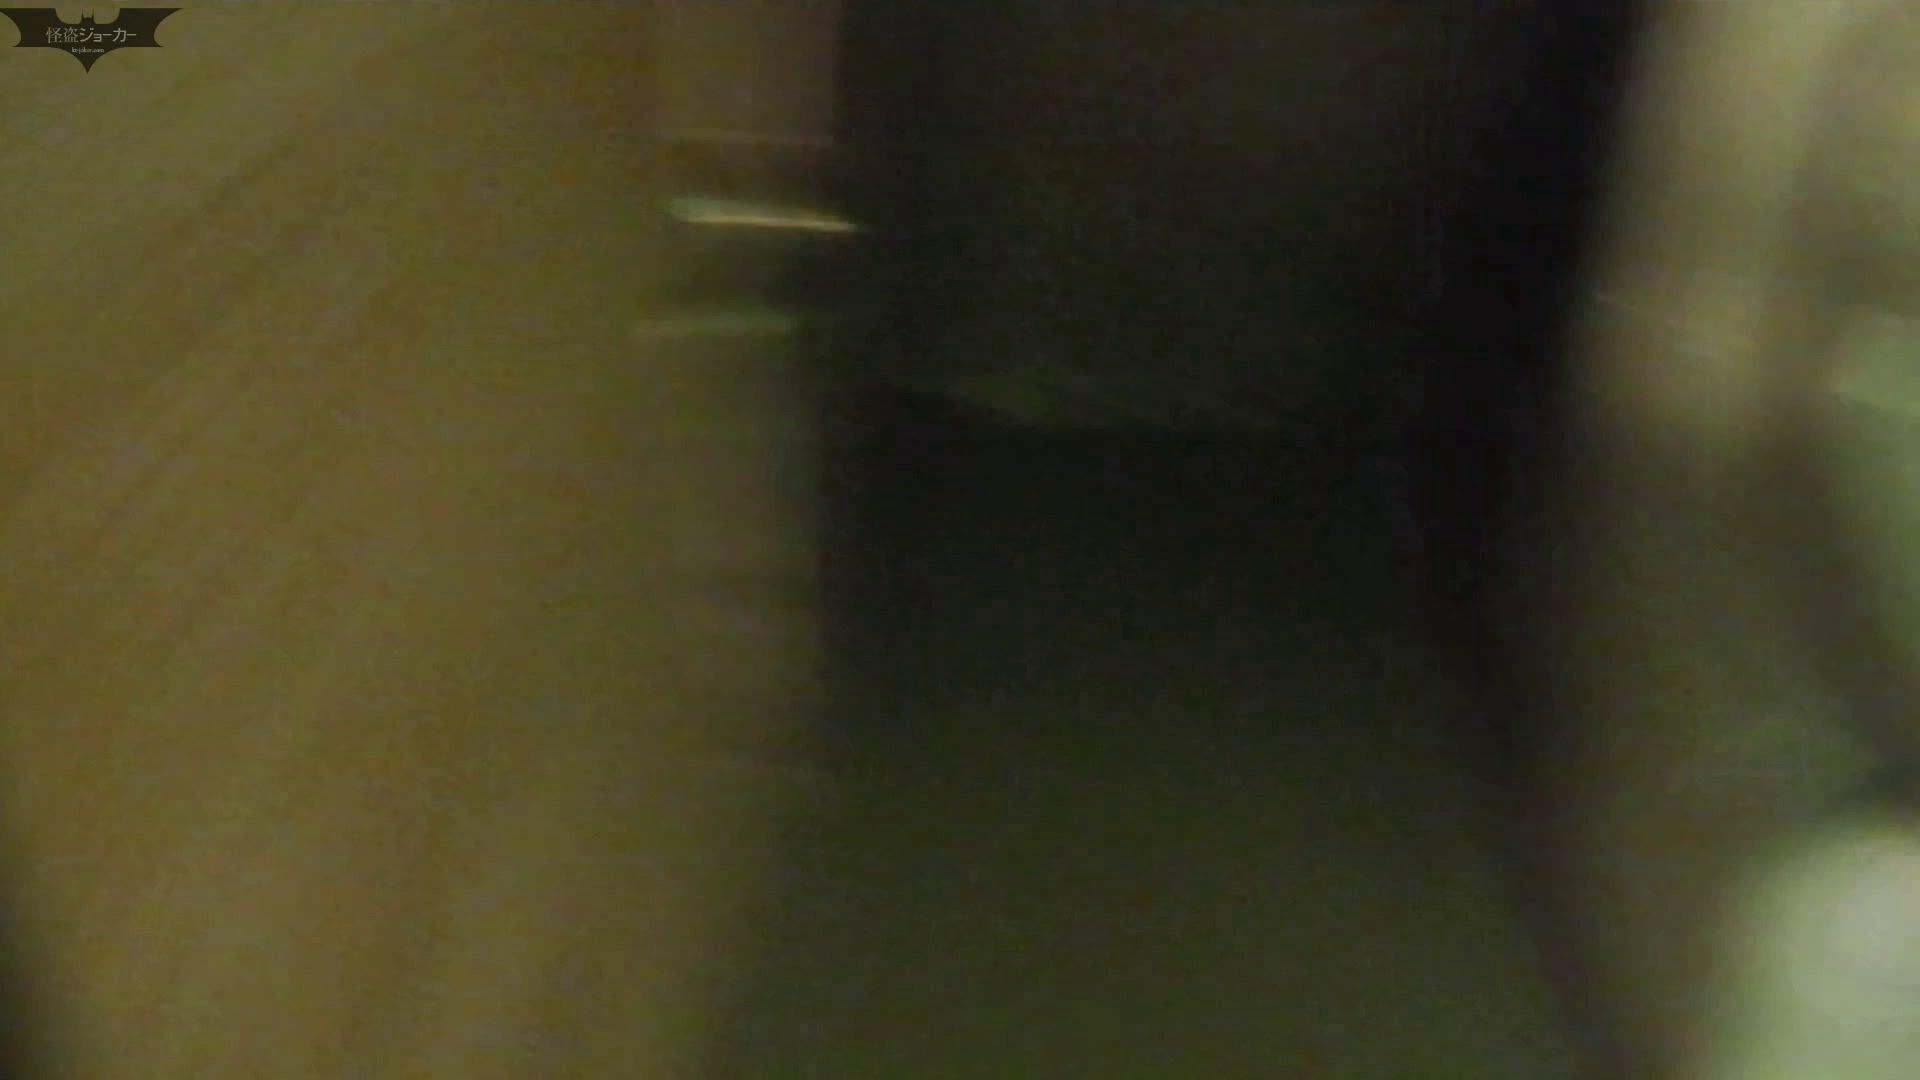 和式洋式七変化 Vol.28 綺麗に撮れました。(ー_ー)!! エッチなお姉さん エロ無料画像 67画像 67